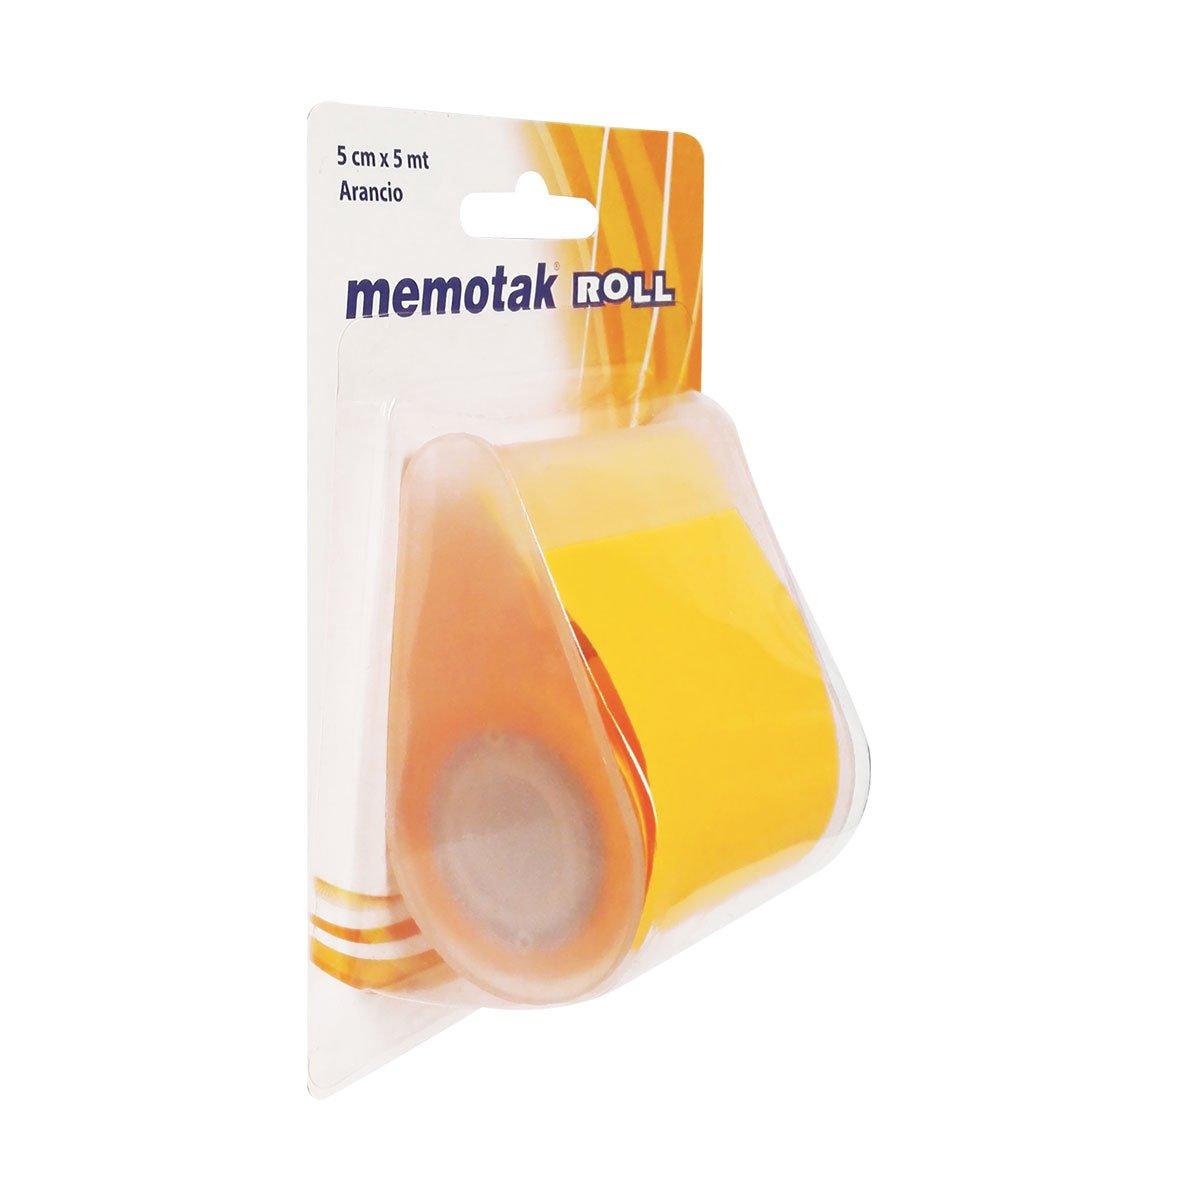 Blocchi Memotak Roll Giallo cm.5 x mt. 5 - confezione da 6 Roll